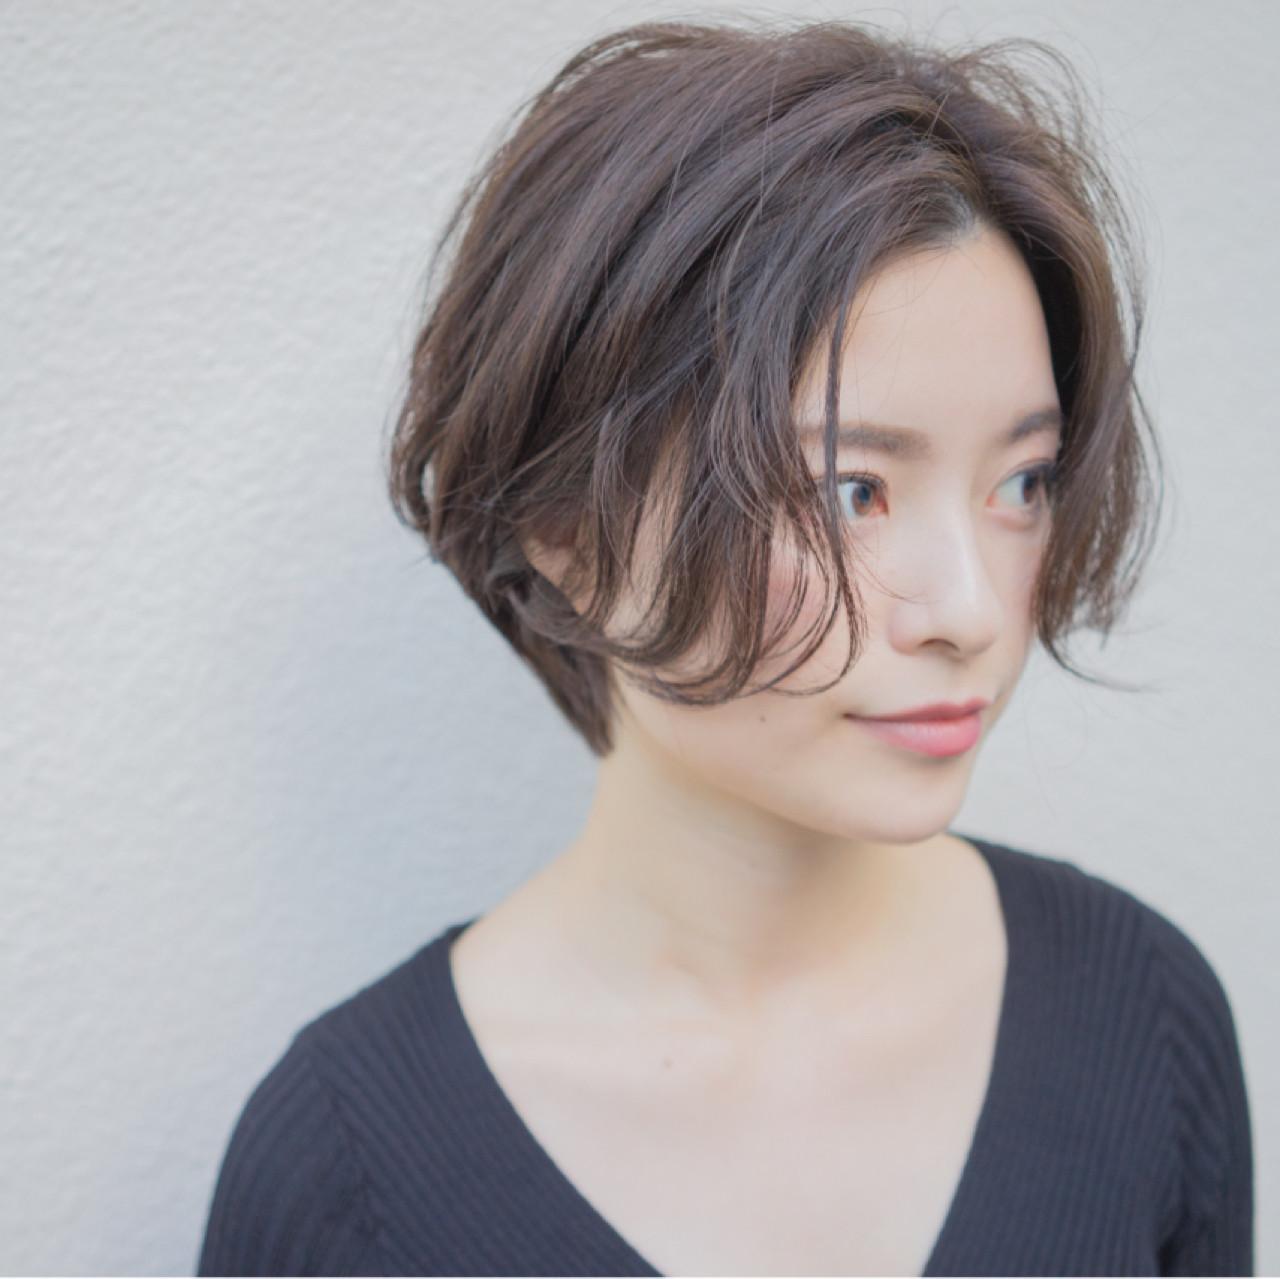 【長さ別】女っぷりアップ!アラフォーにピッタリの髪型提案します♡